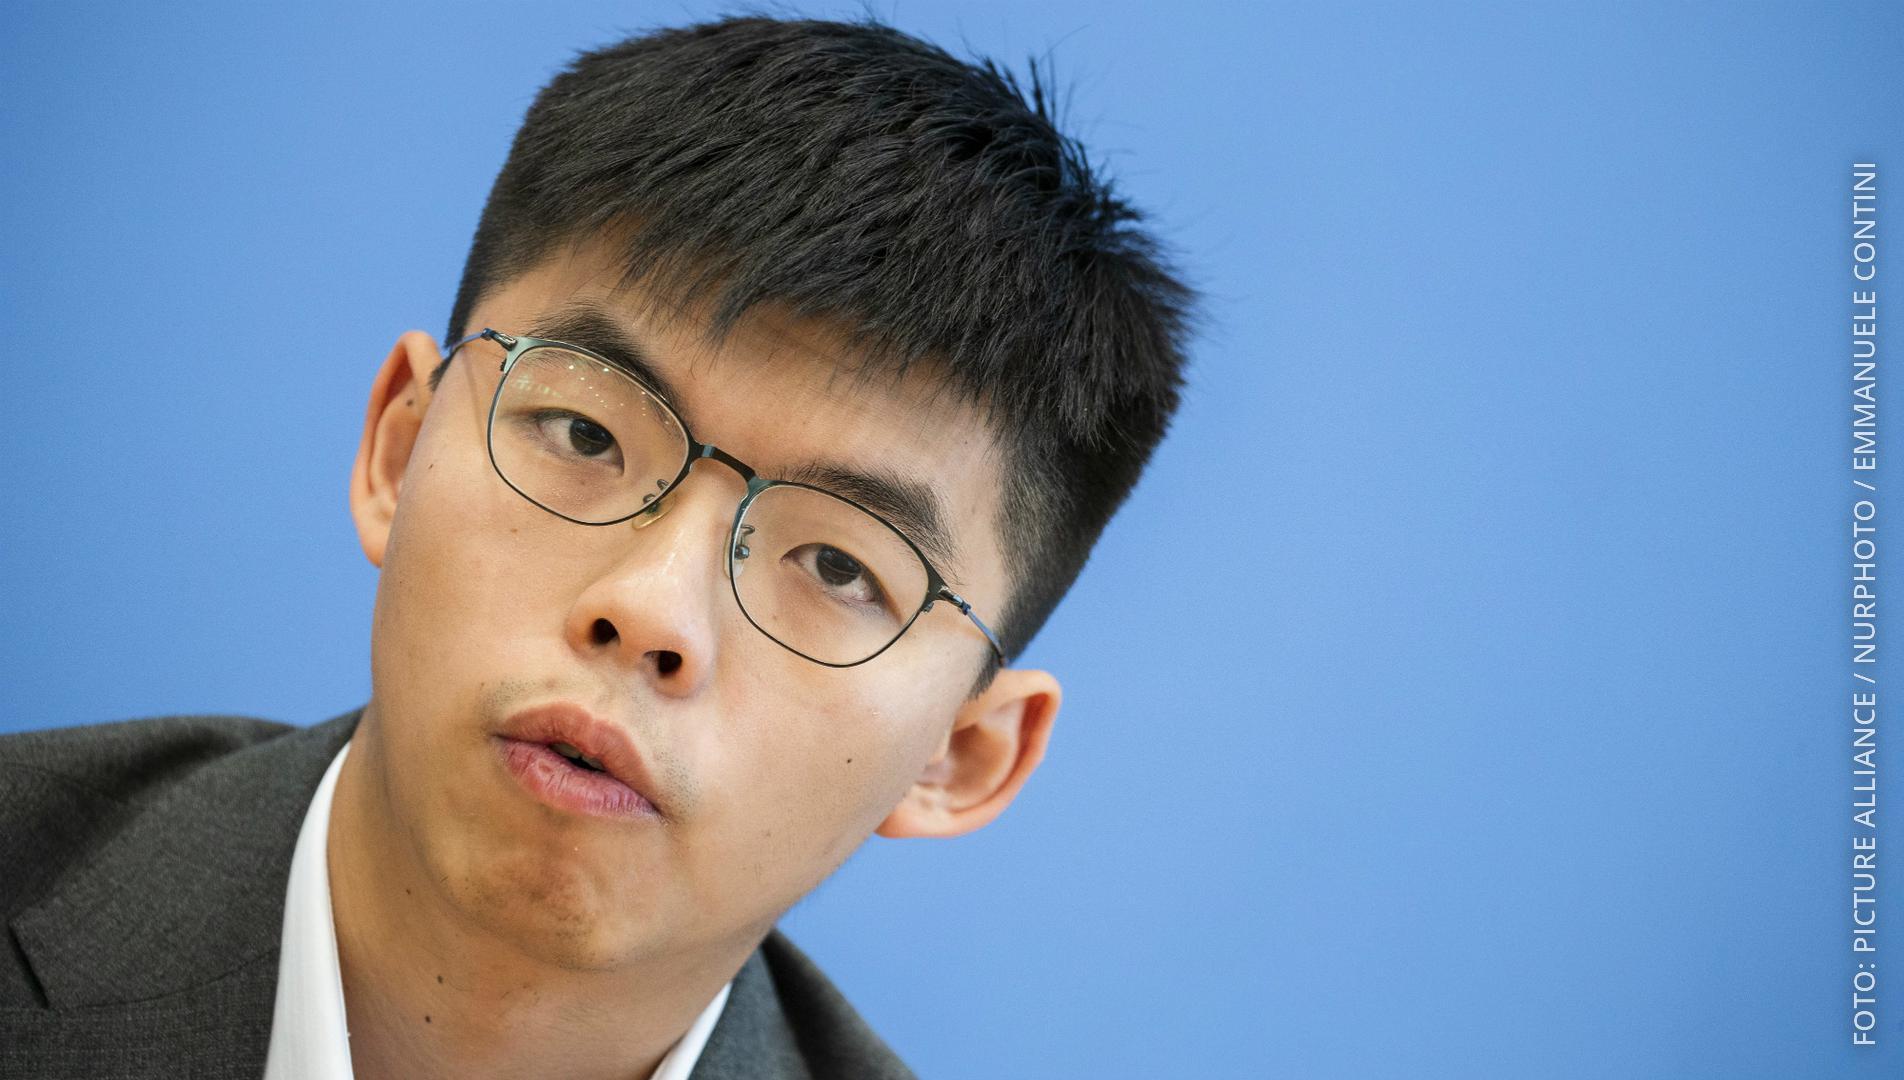 Demokratie-Aktivist Wong aus Hongkong